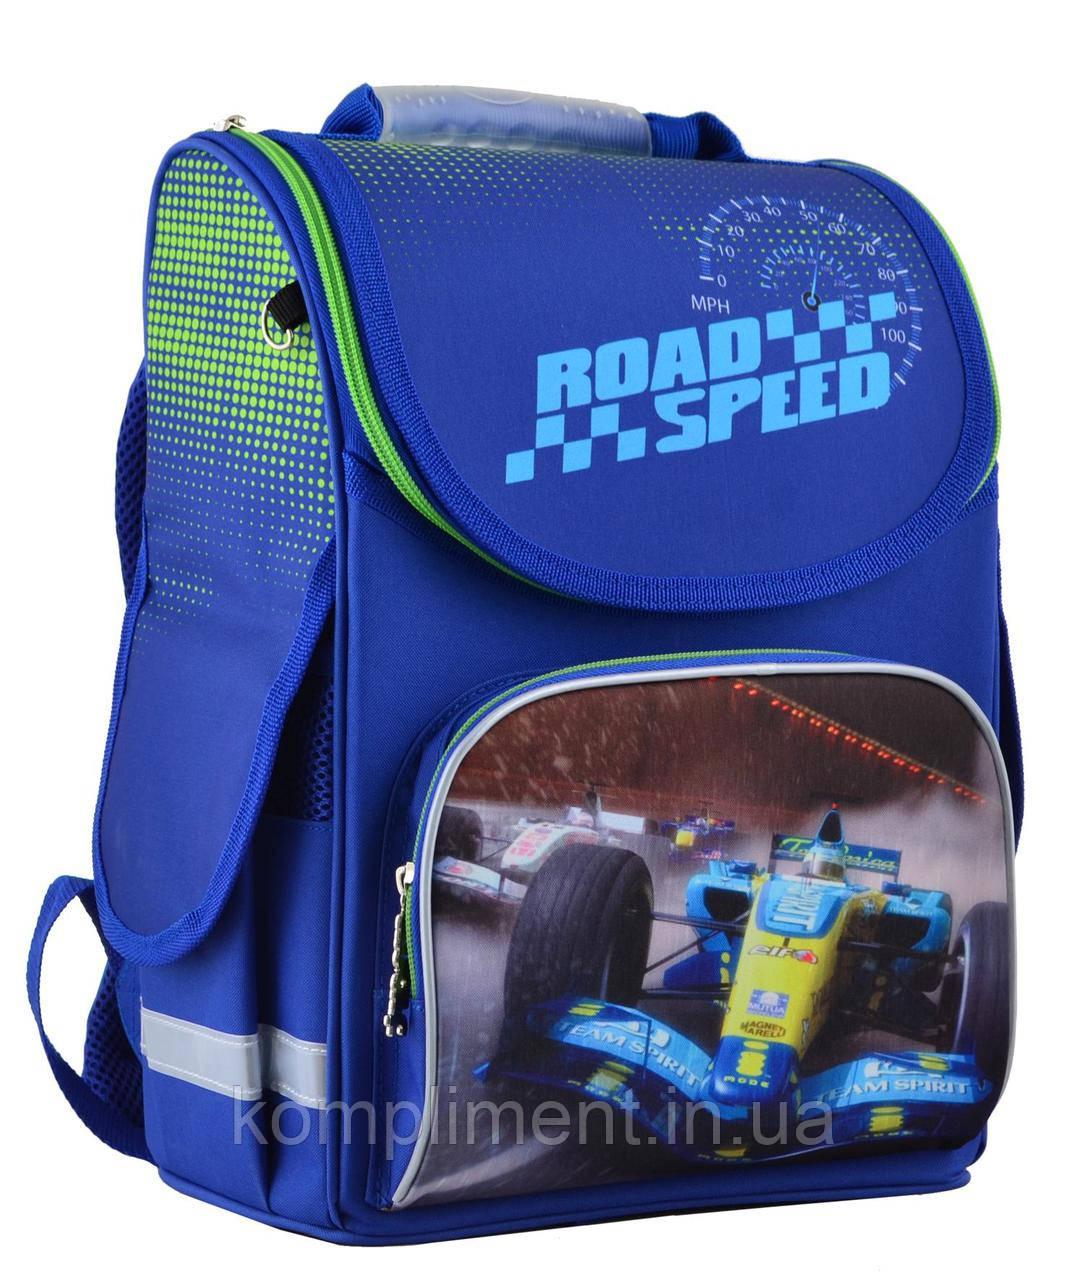 Рюкзак каркасный ортопедический  для мальчика PG-11 Road speed,  31*26*14  SMART, фото 1